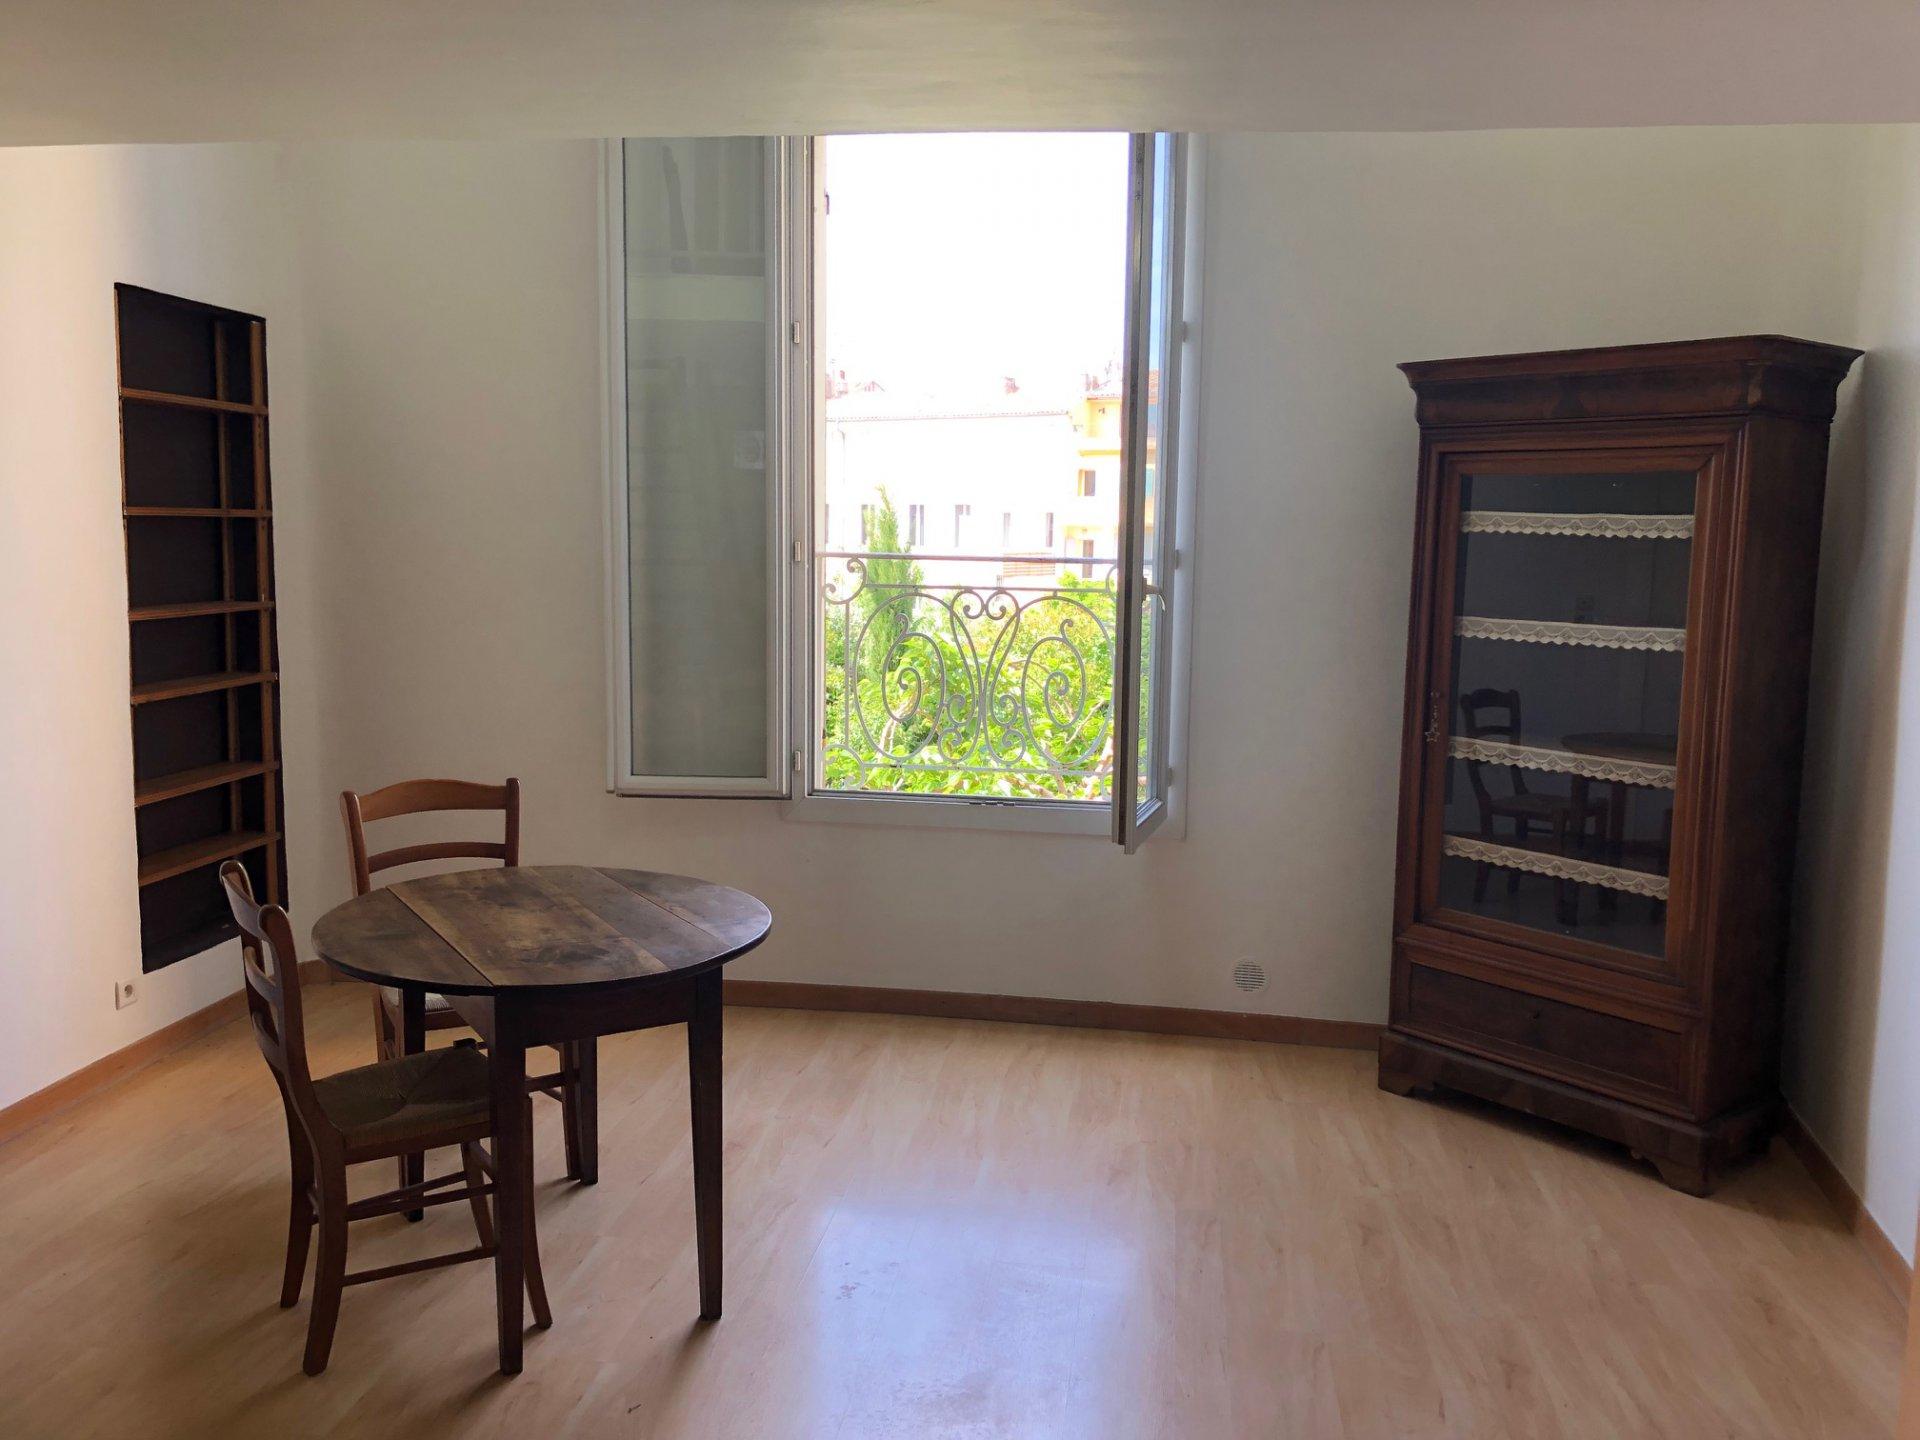 Appartement T2 Duplex 40 m2 environ